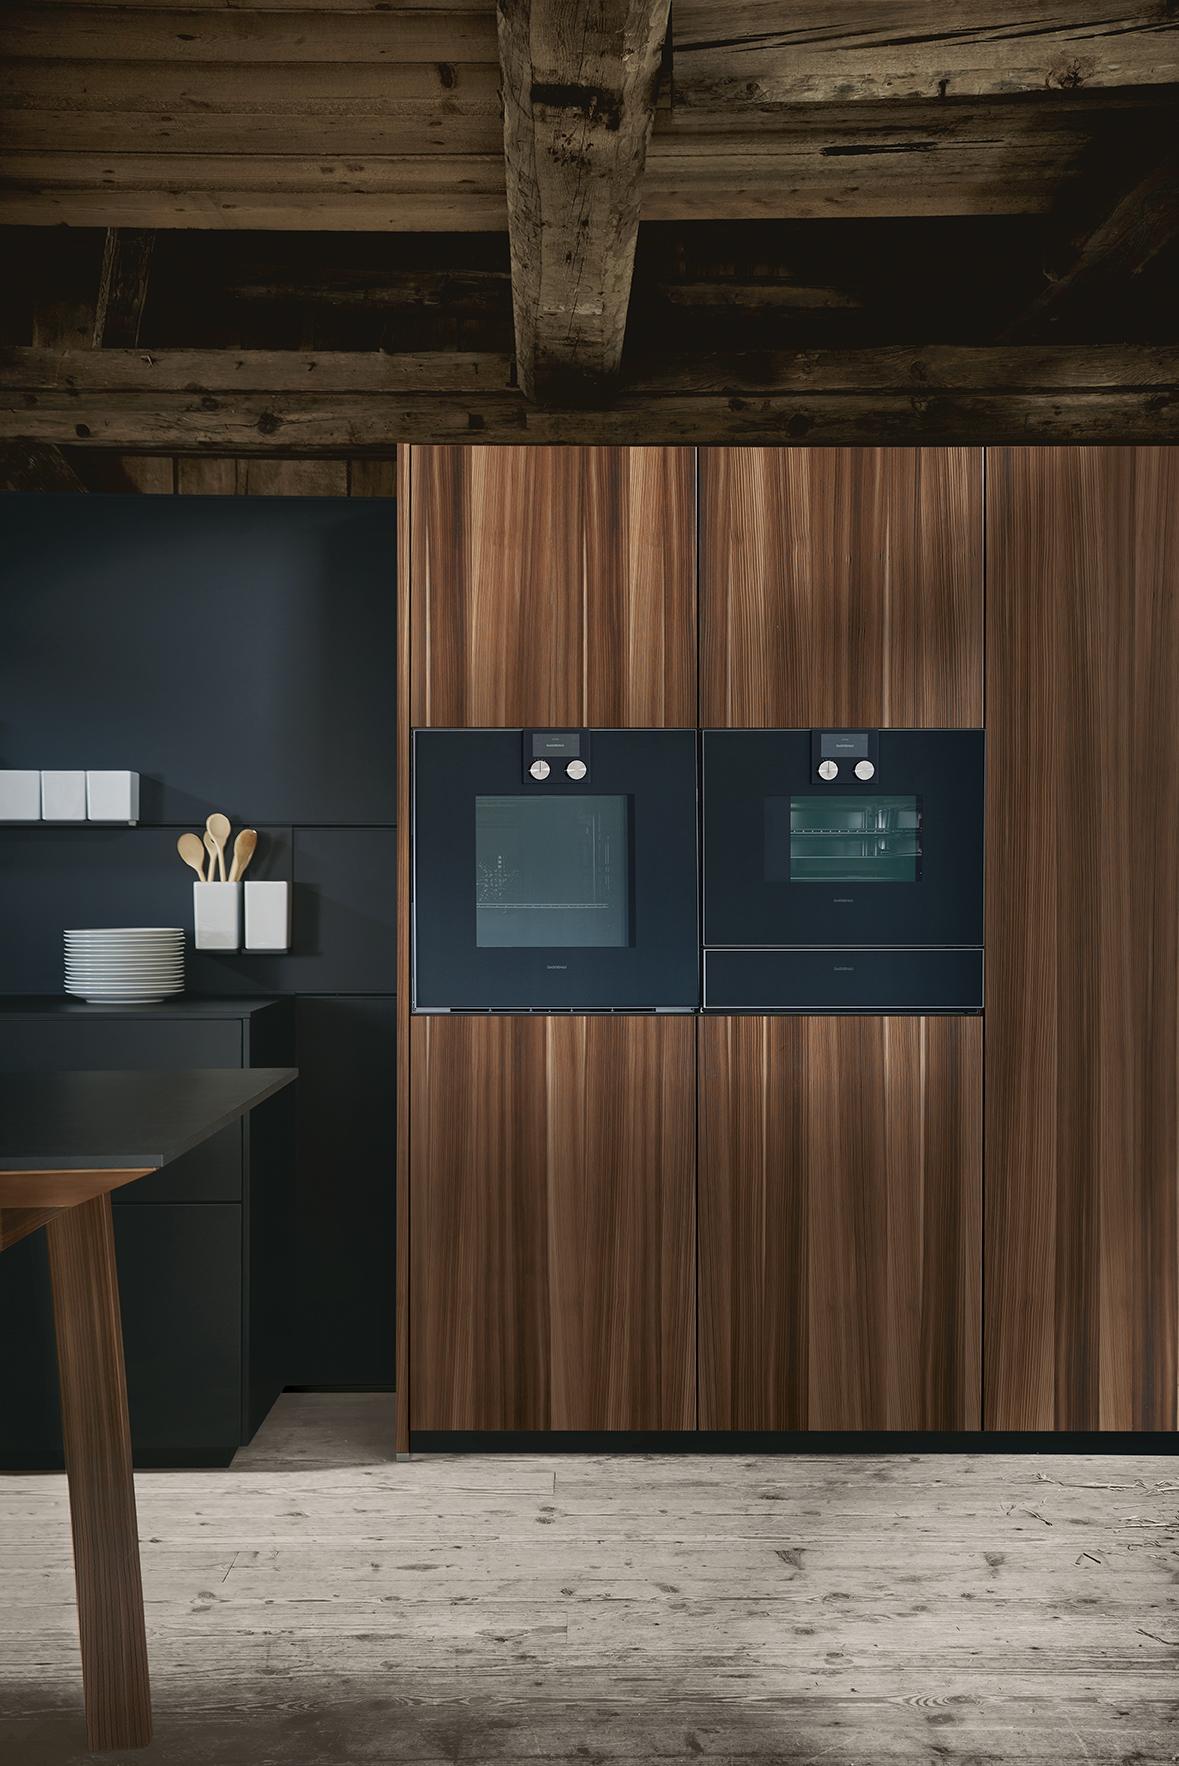 Four et électroménager intégrés dans cuisine haut de gamme intégrée contemporain design et influence scandinave nordique bois marbre